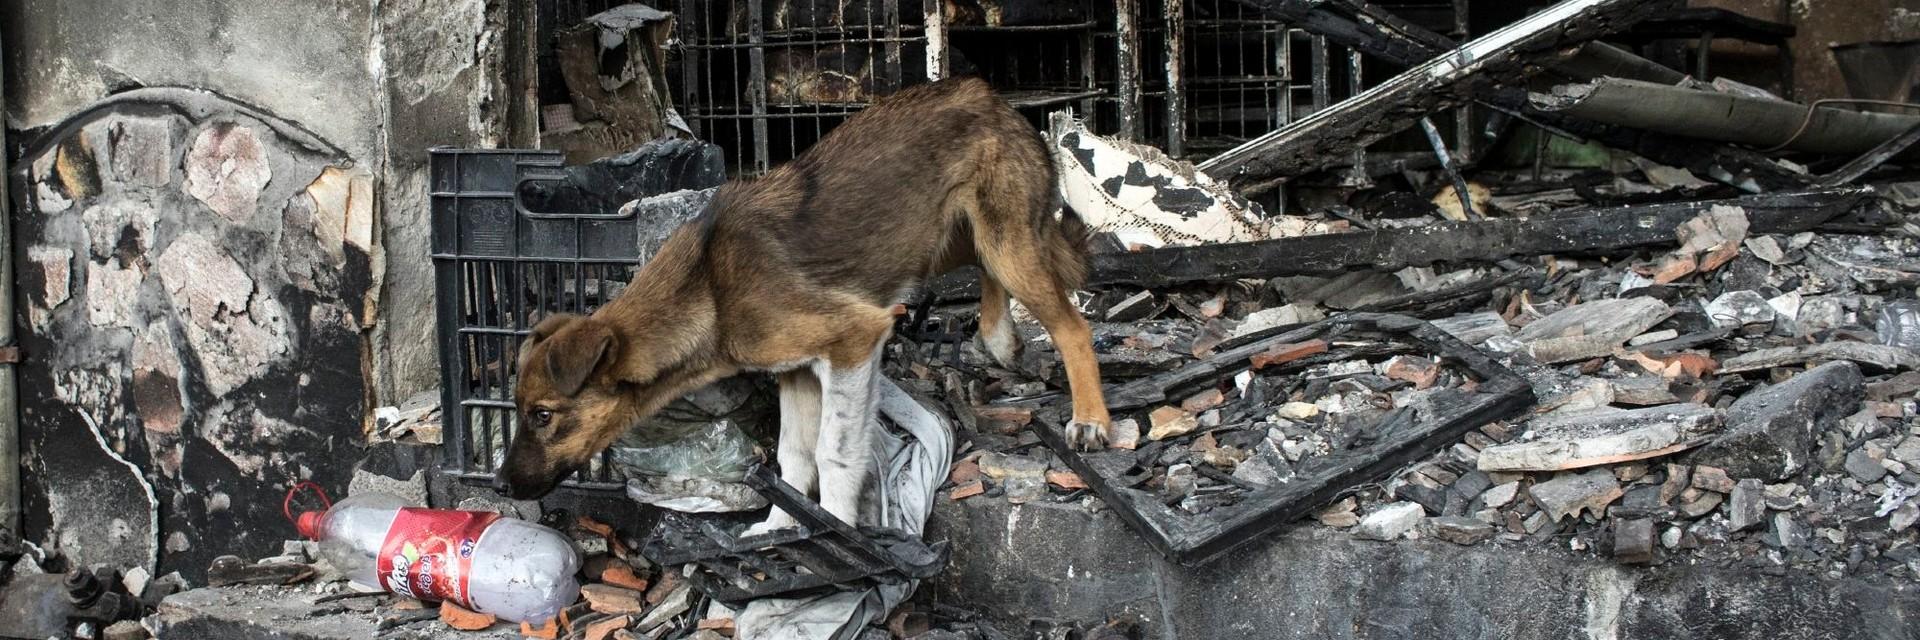 Stray dog in Bulgaria